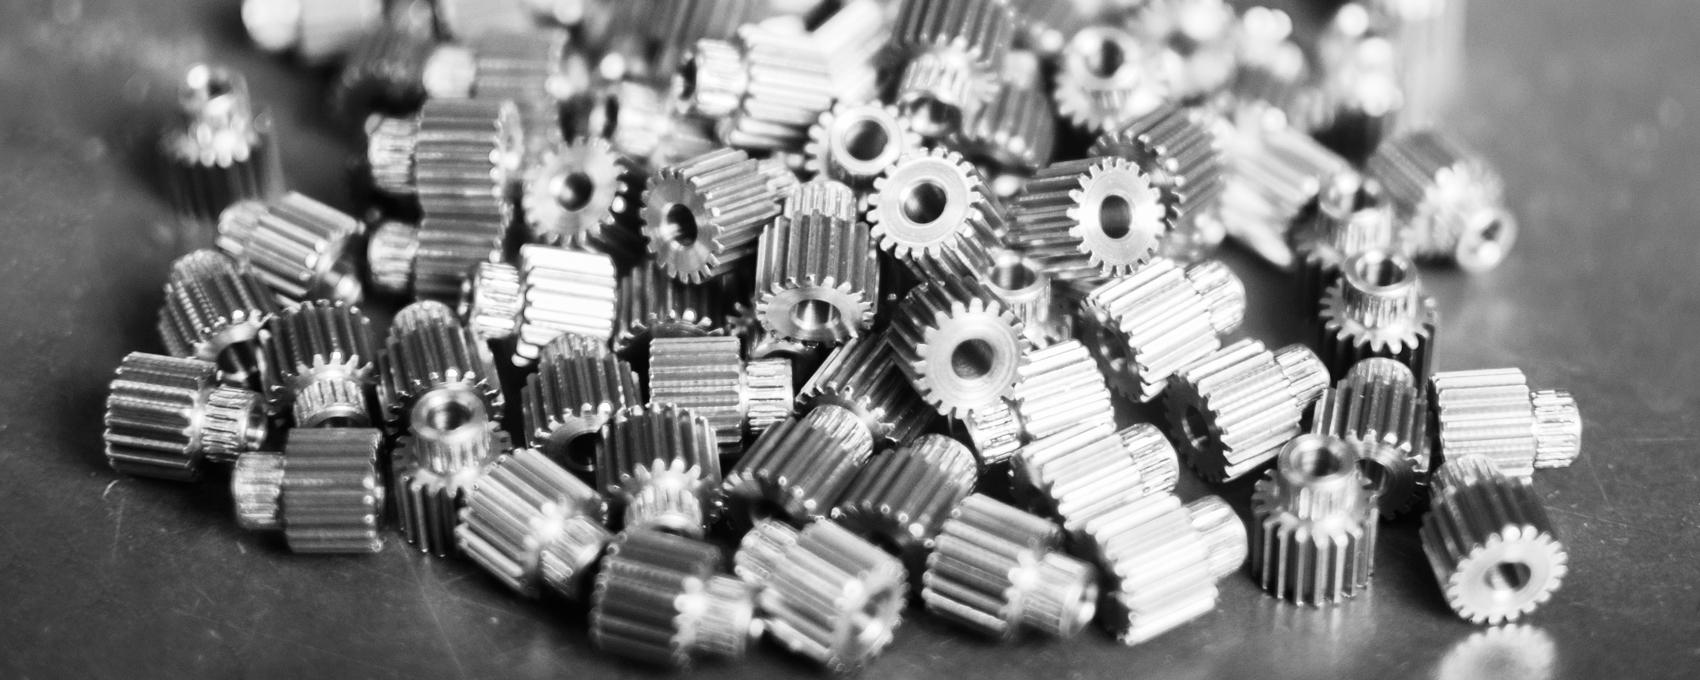 Legotillverkning dalarna